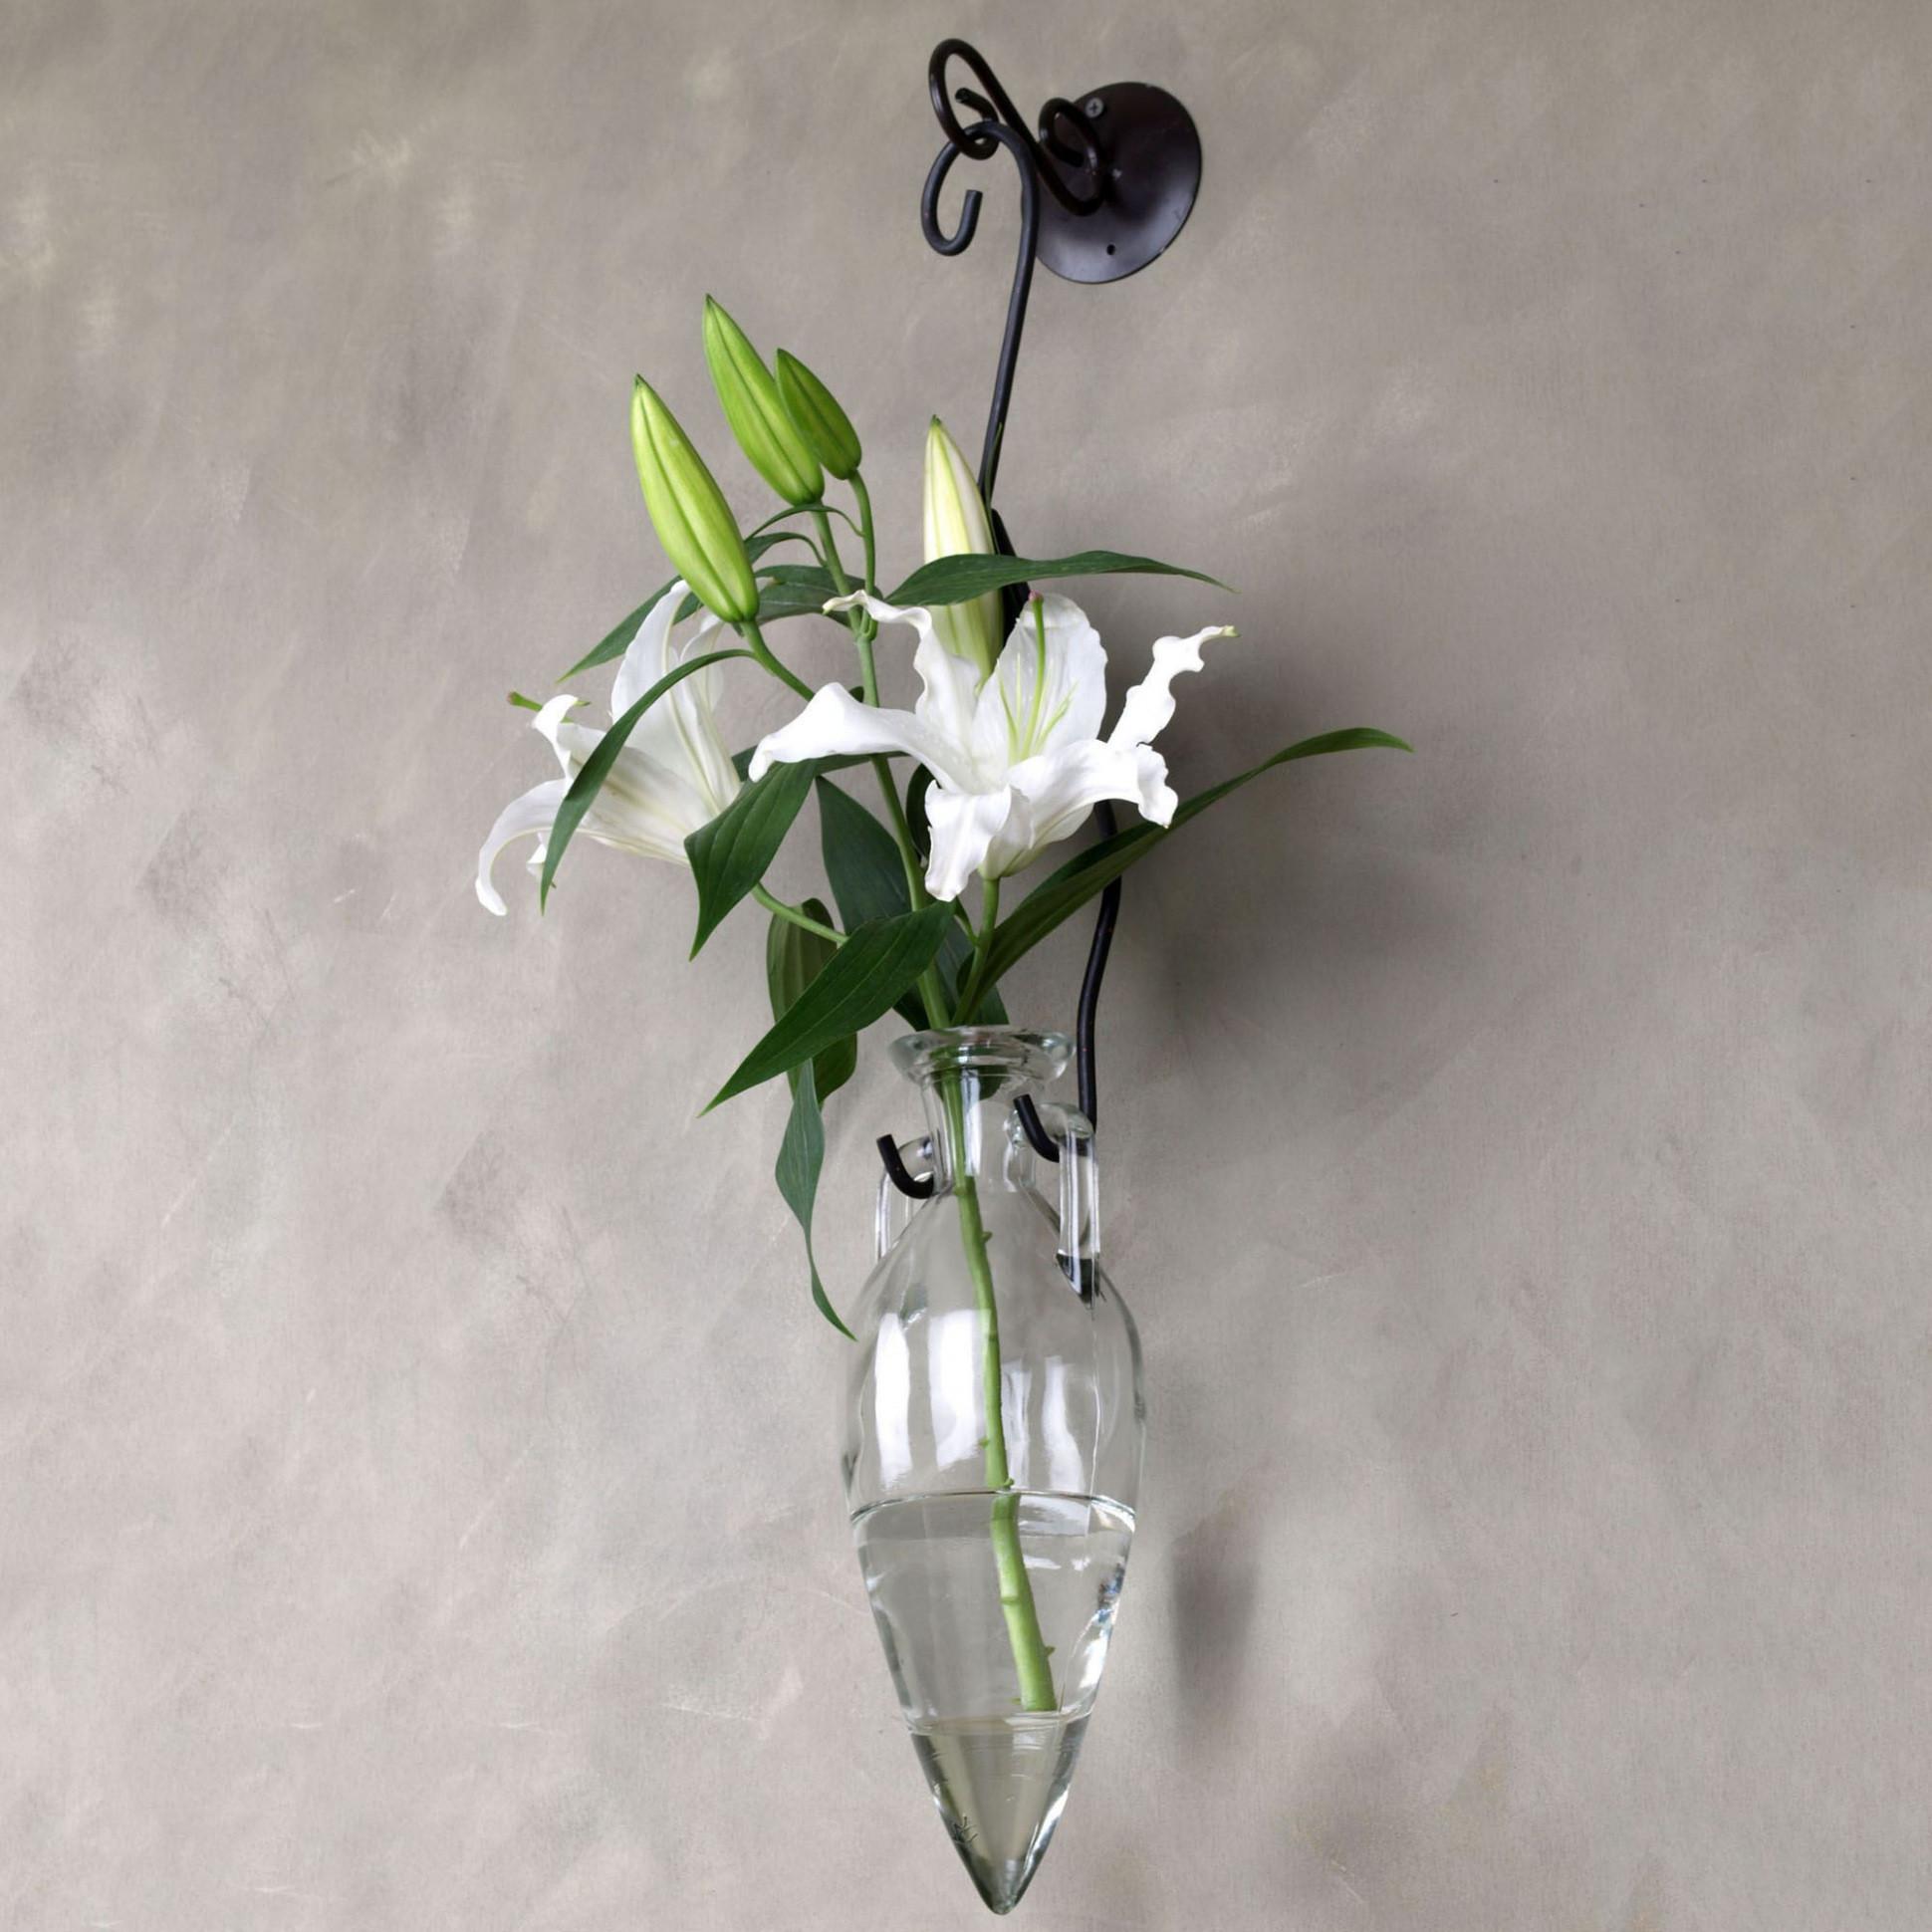 Antique Face Vases Of 10 Fresh Black Marble Vase Bogekompresorturkiye Com In H Vases Wall Hanging Flower Vase Newspaper I 0d Scheme Wall Scheme Design Outdoor Wall